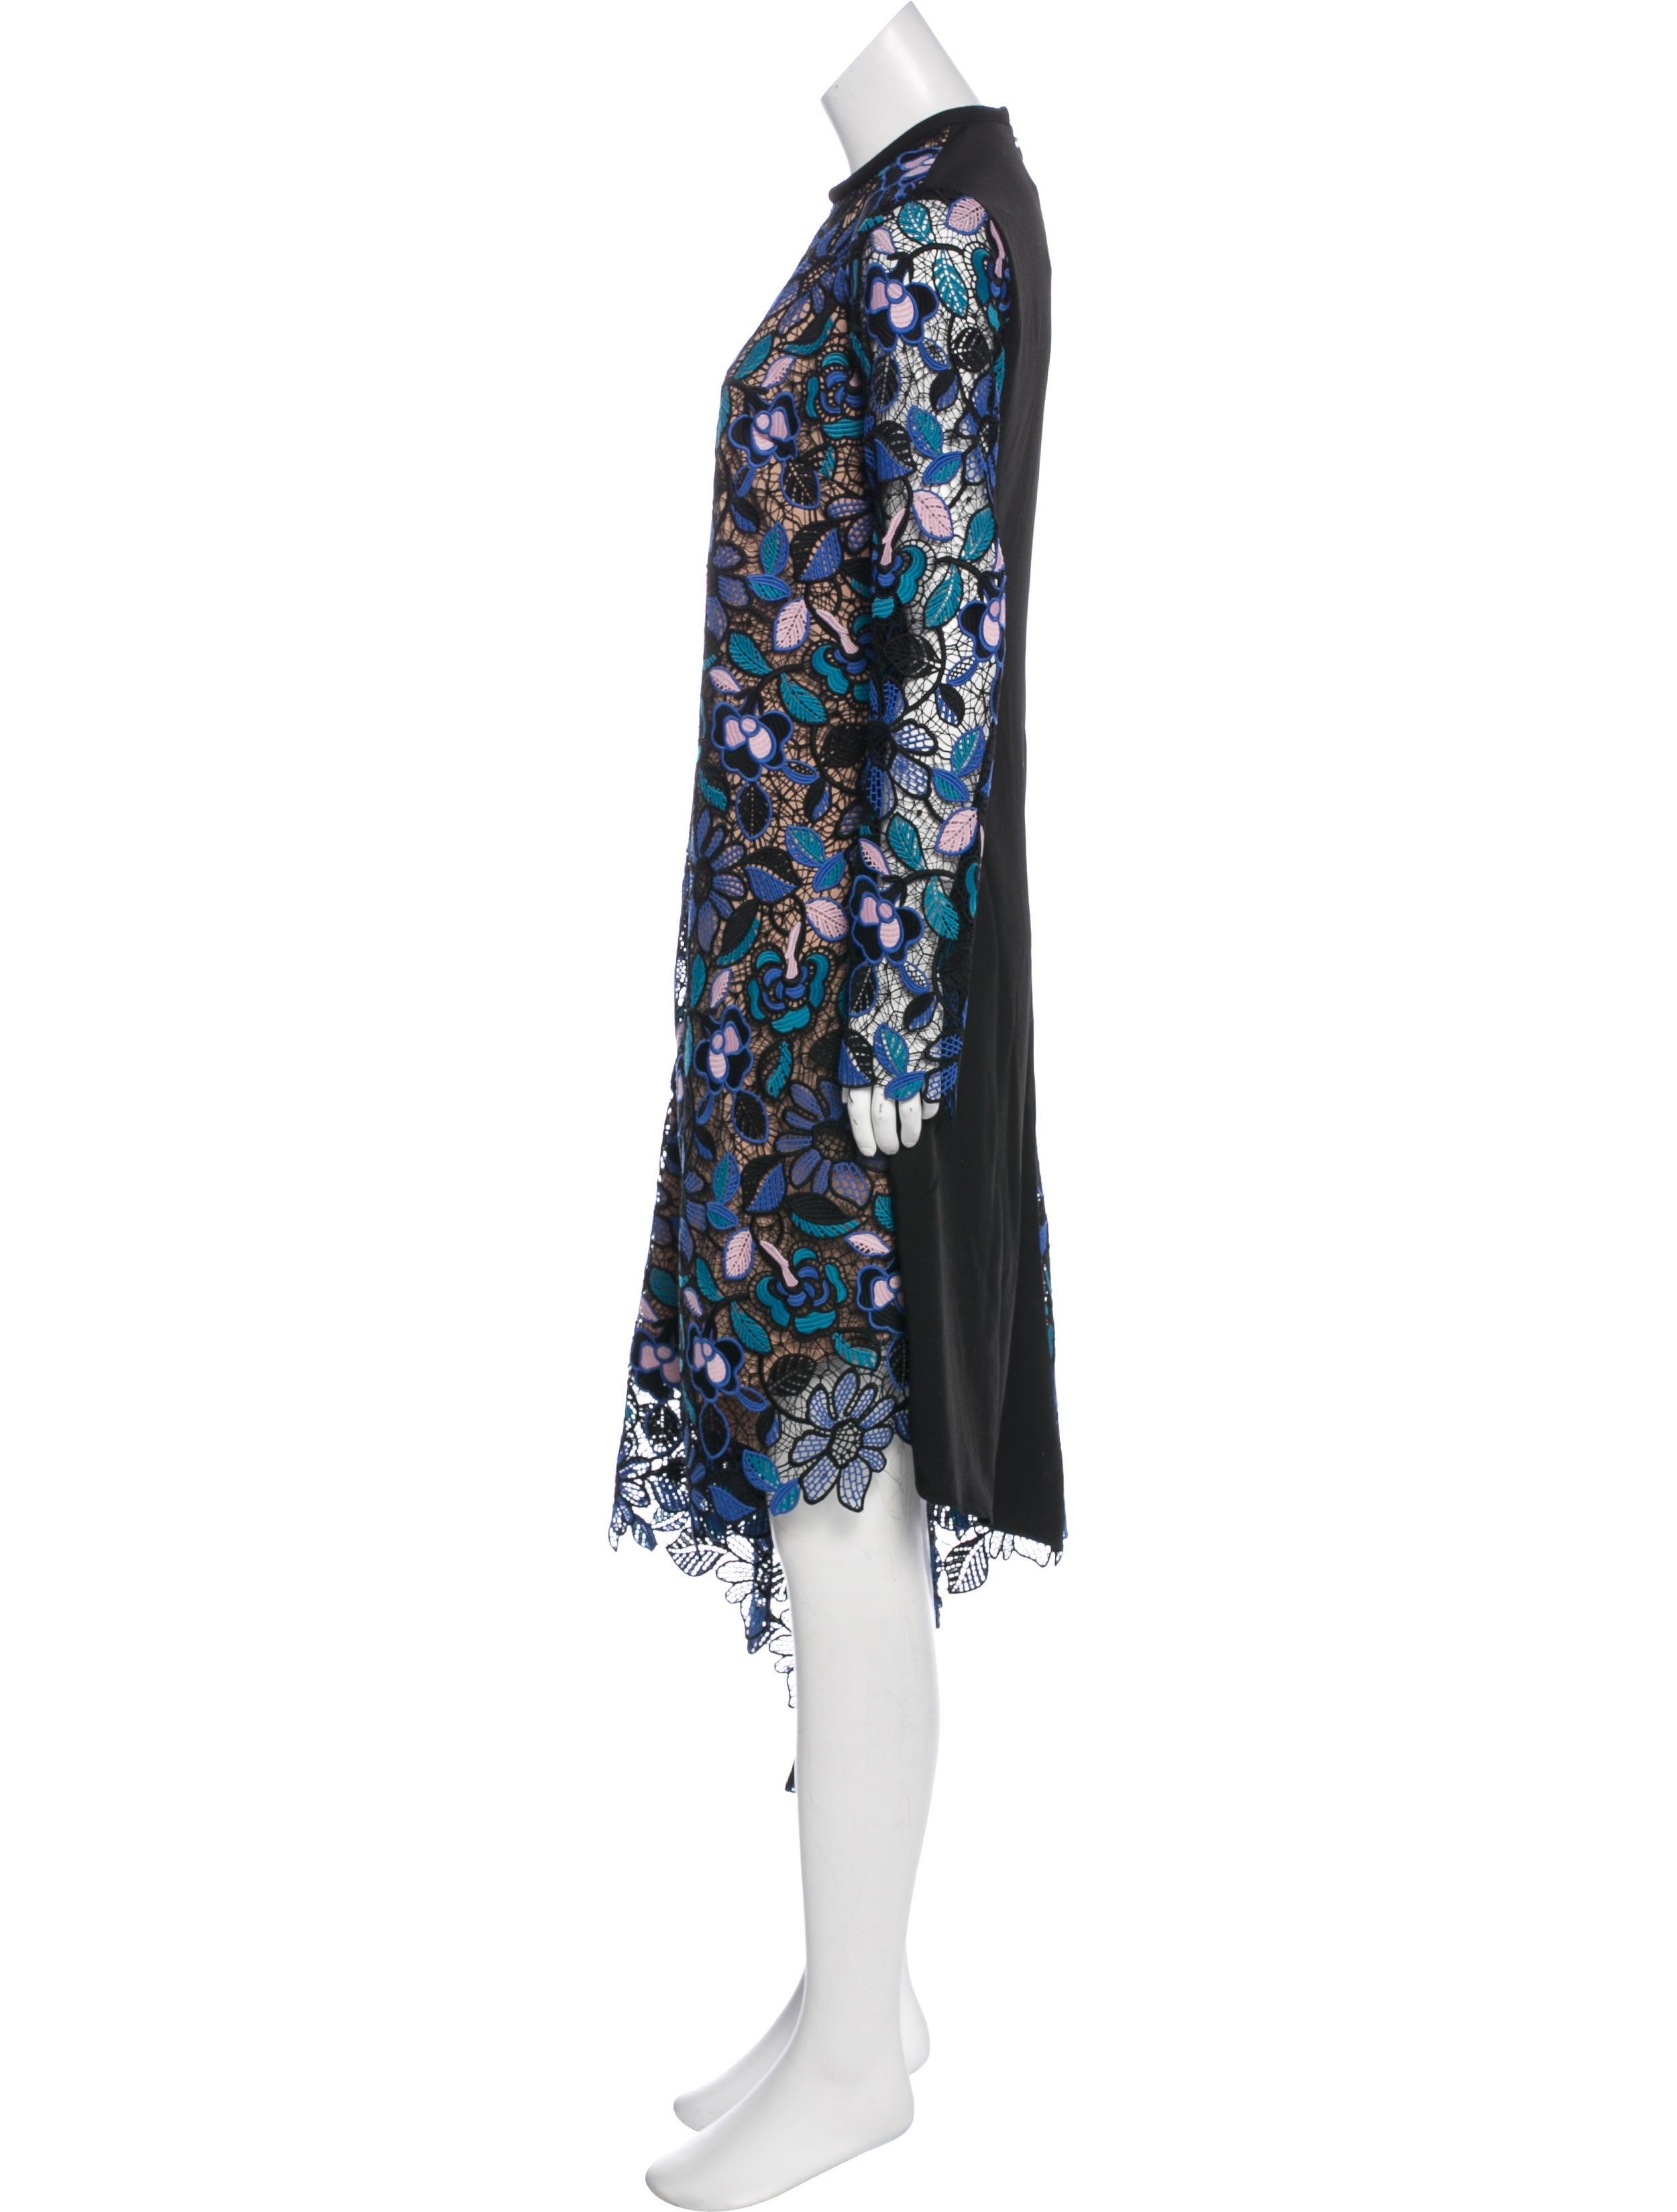 b69c1fca4d49f Self-Portrait Elora Midi Dress w/ Tags - Clothing - WSELF25089 | The ...